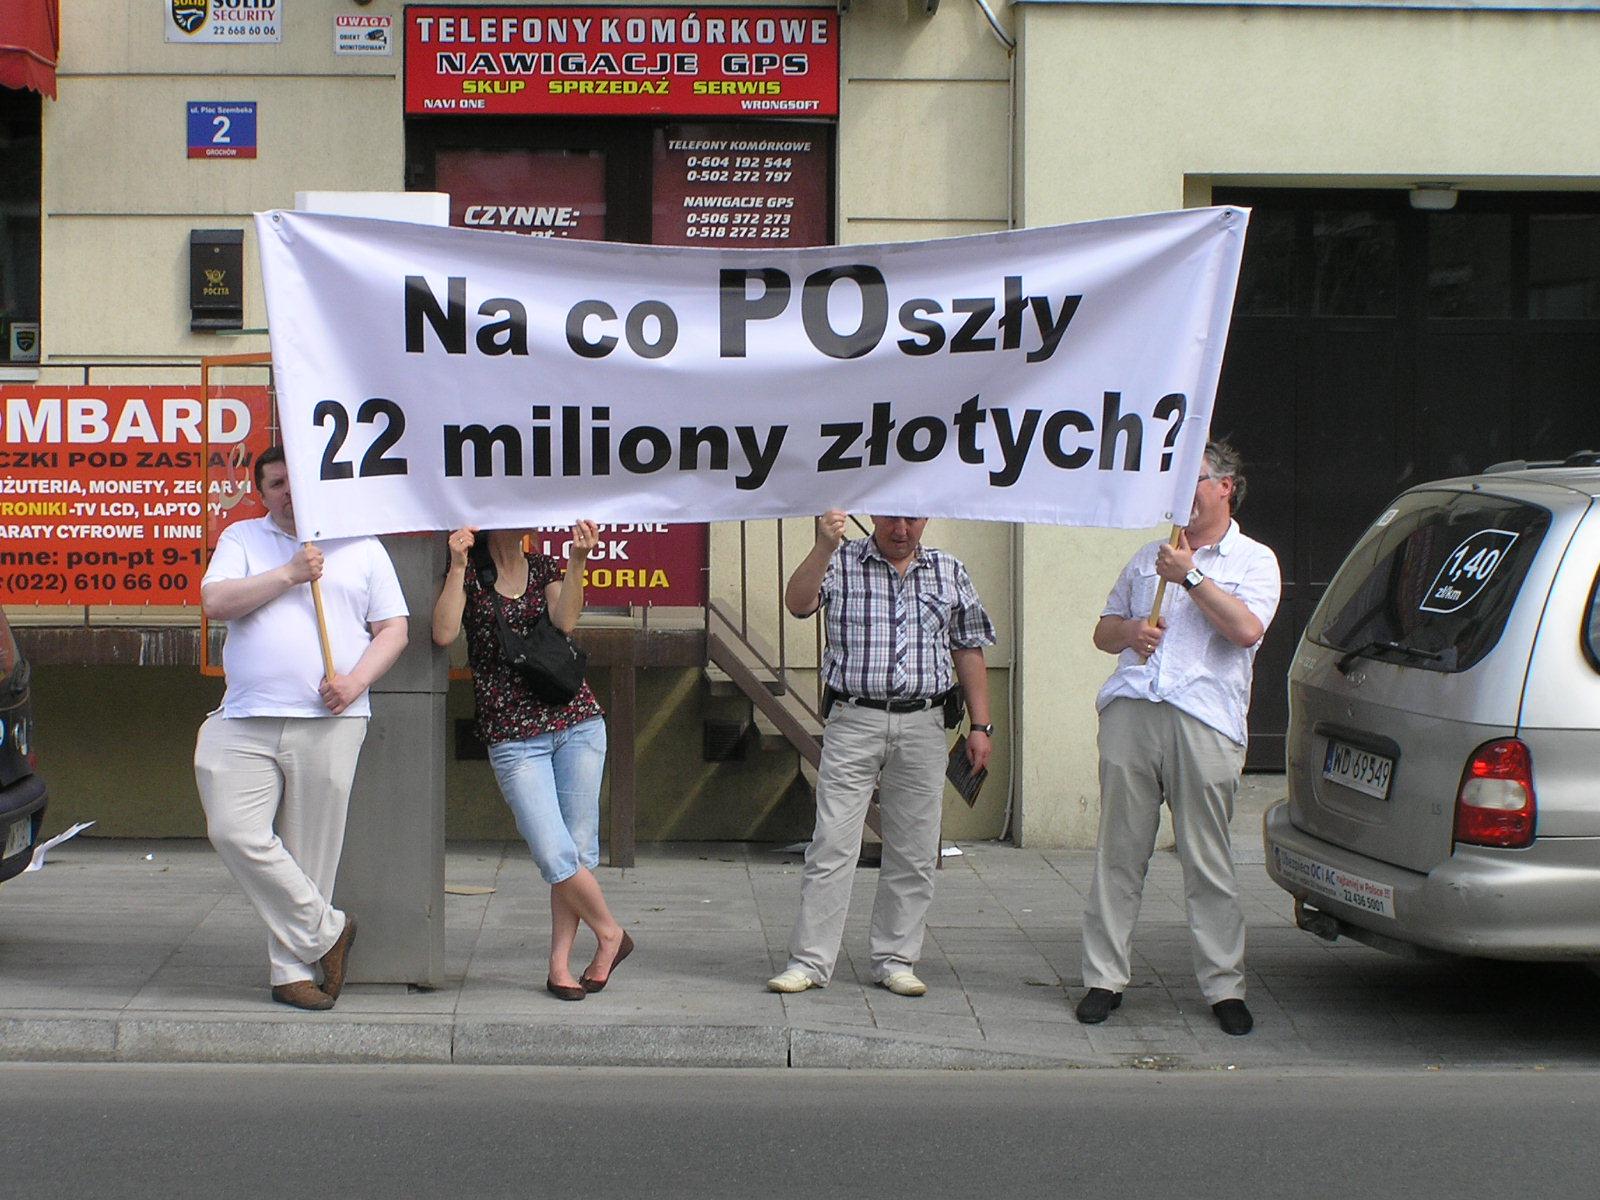 Ile kosztował Plac Szembeka? 22 mln zł? Niekoniecznie...